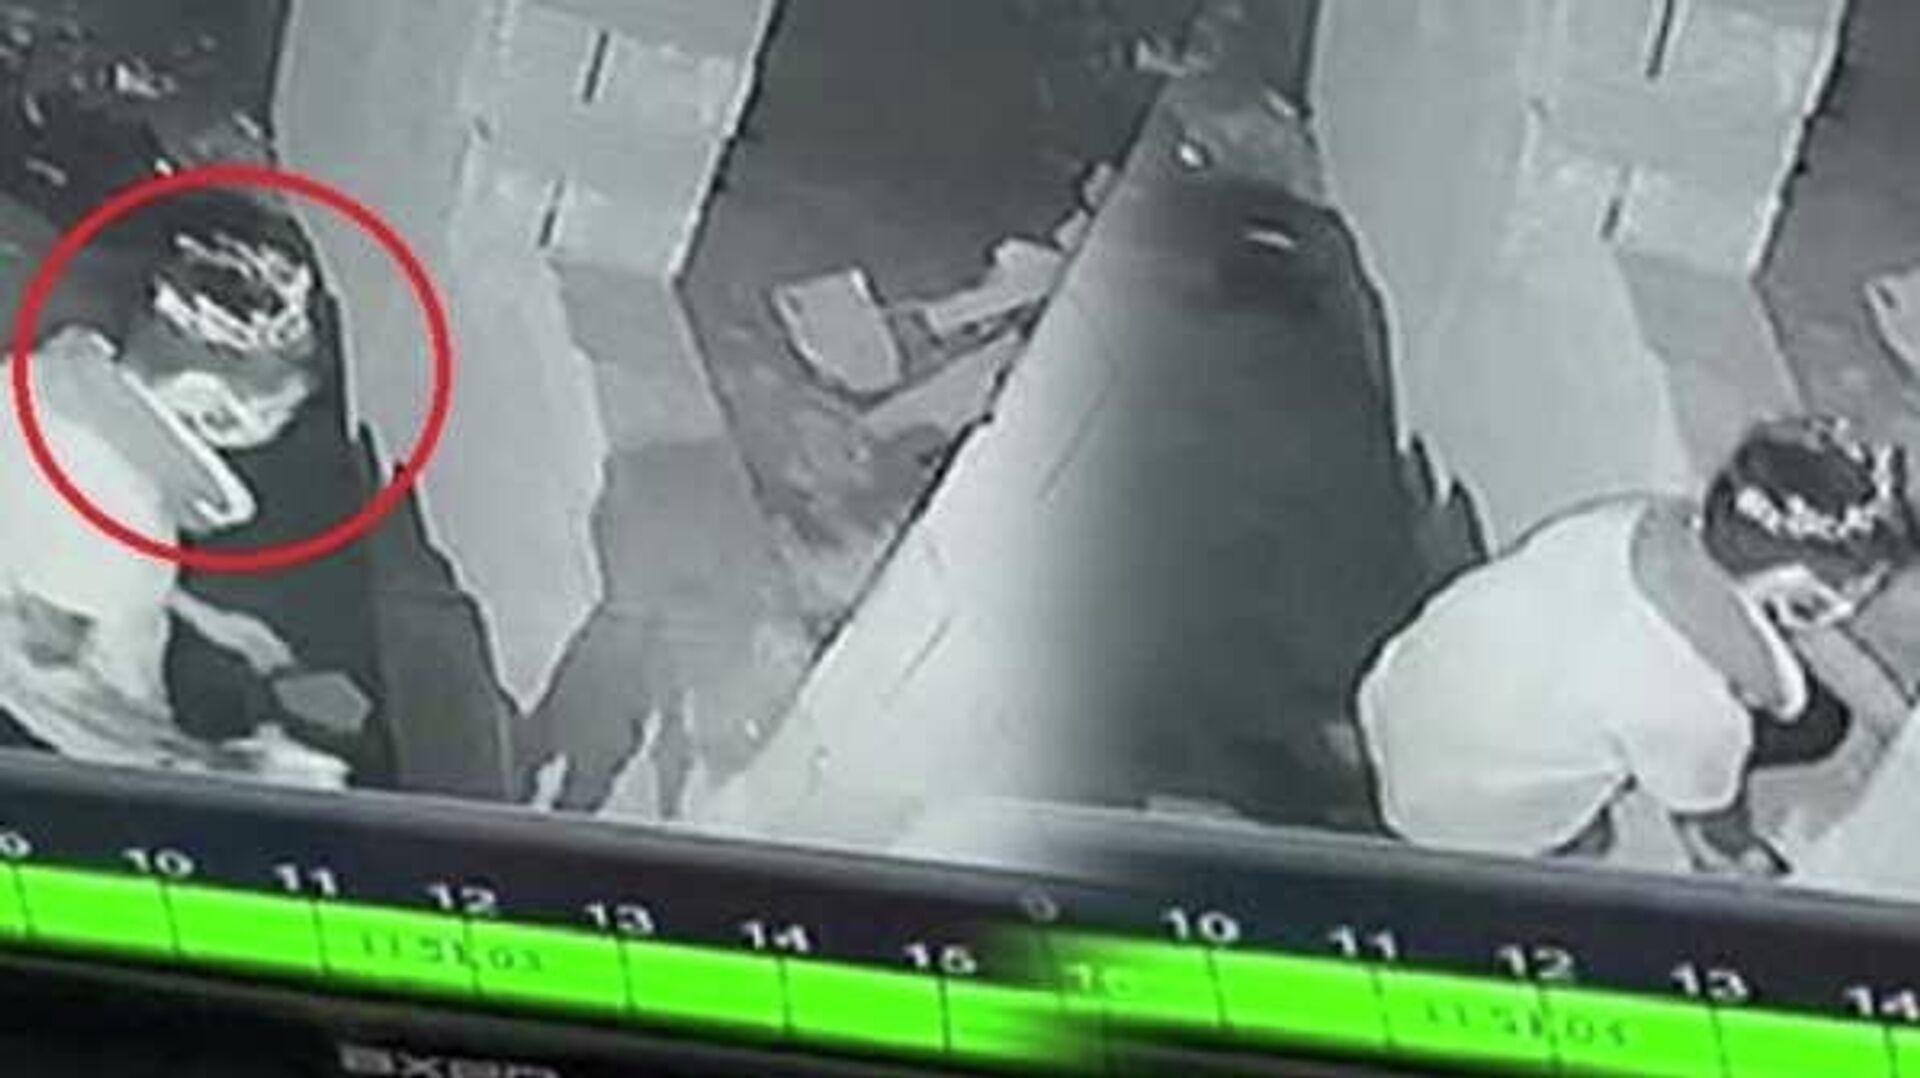 Bursa'da, inşaattan 10 top bakır elektrik kablosu çalan Murat A. (25), çıkarıldığı mahkemece tutuklandı. Murat A.'nın hırsızlık yaptığı alana başına taktığı taçla girdiği anlar, güvenlik kameralarınca kaydedildi. - Sputnik Türkiye, 1920, 03.09.2021